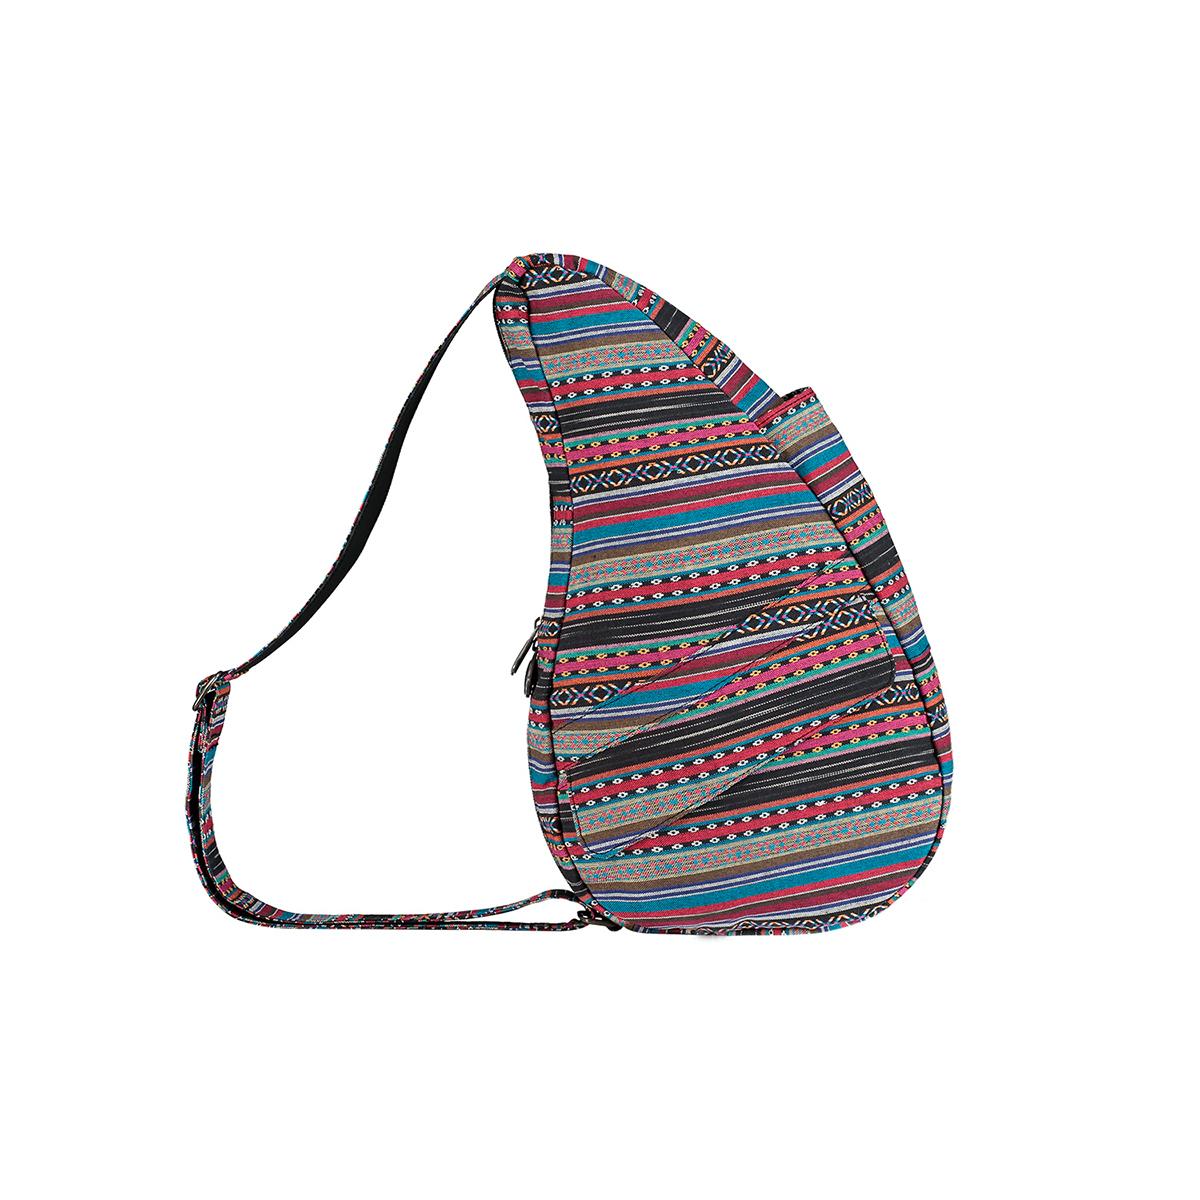 Healthy Back Bag/ヘルシーバックバッグ/ショルダーバッグ/ボディバッグ/旅行バッグ/軽量/レディース/メンズ 公式ストア ヘルシーバックバッグ キンドレッドスピリット Sサイズ マルチ